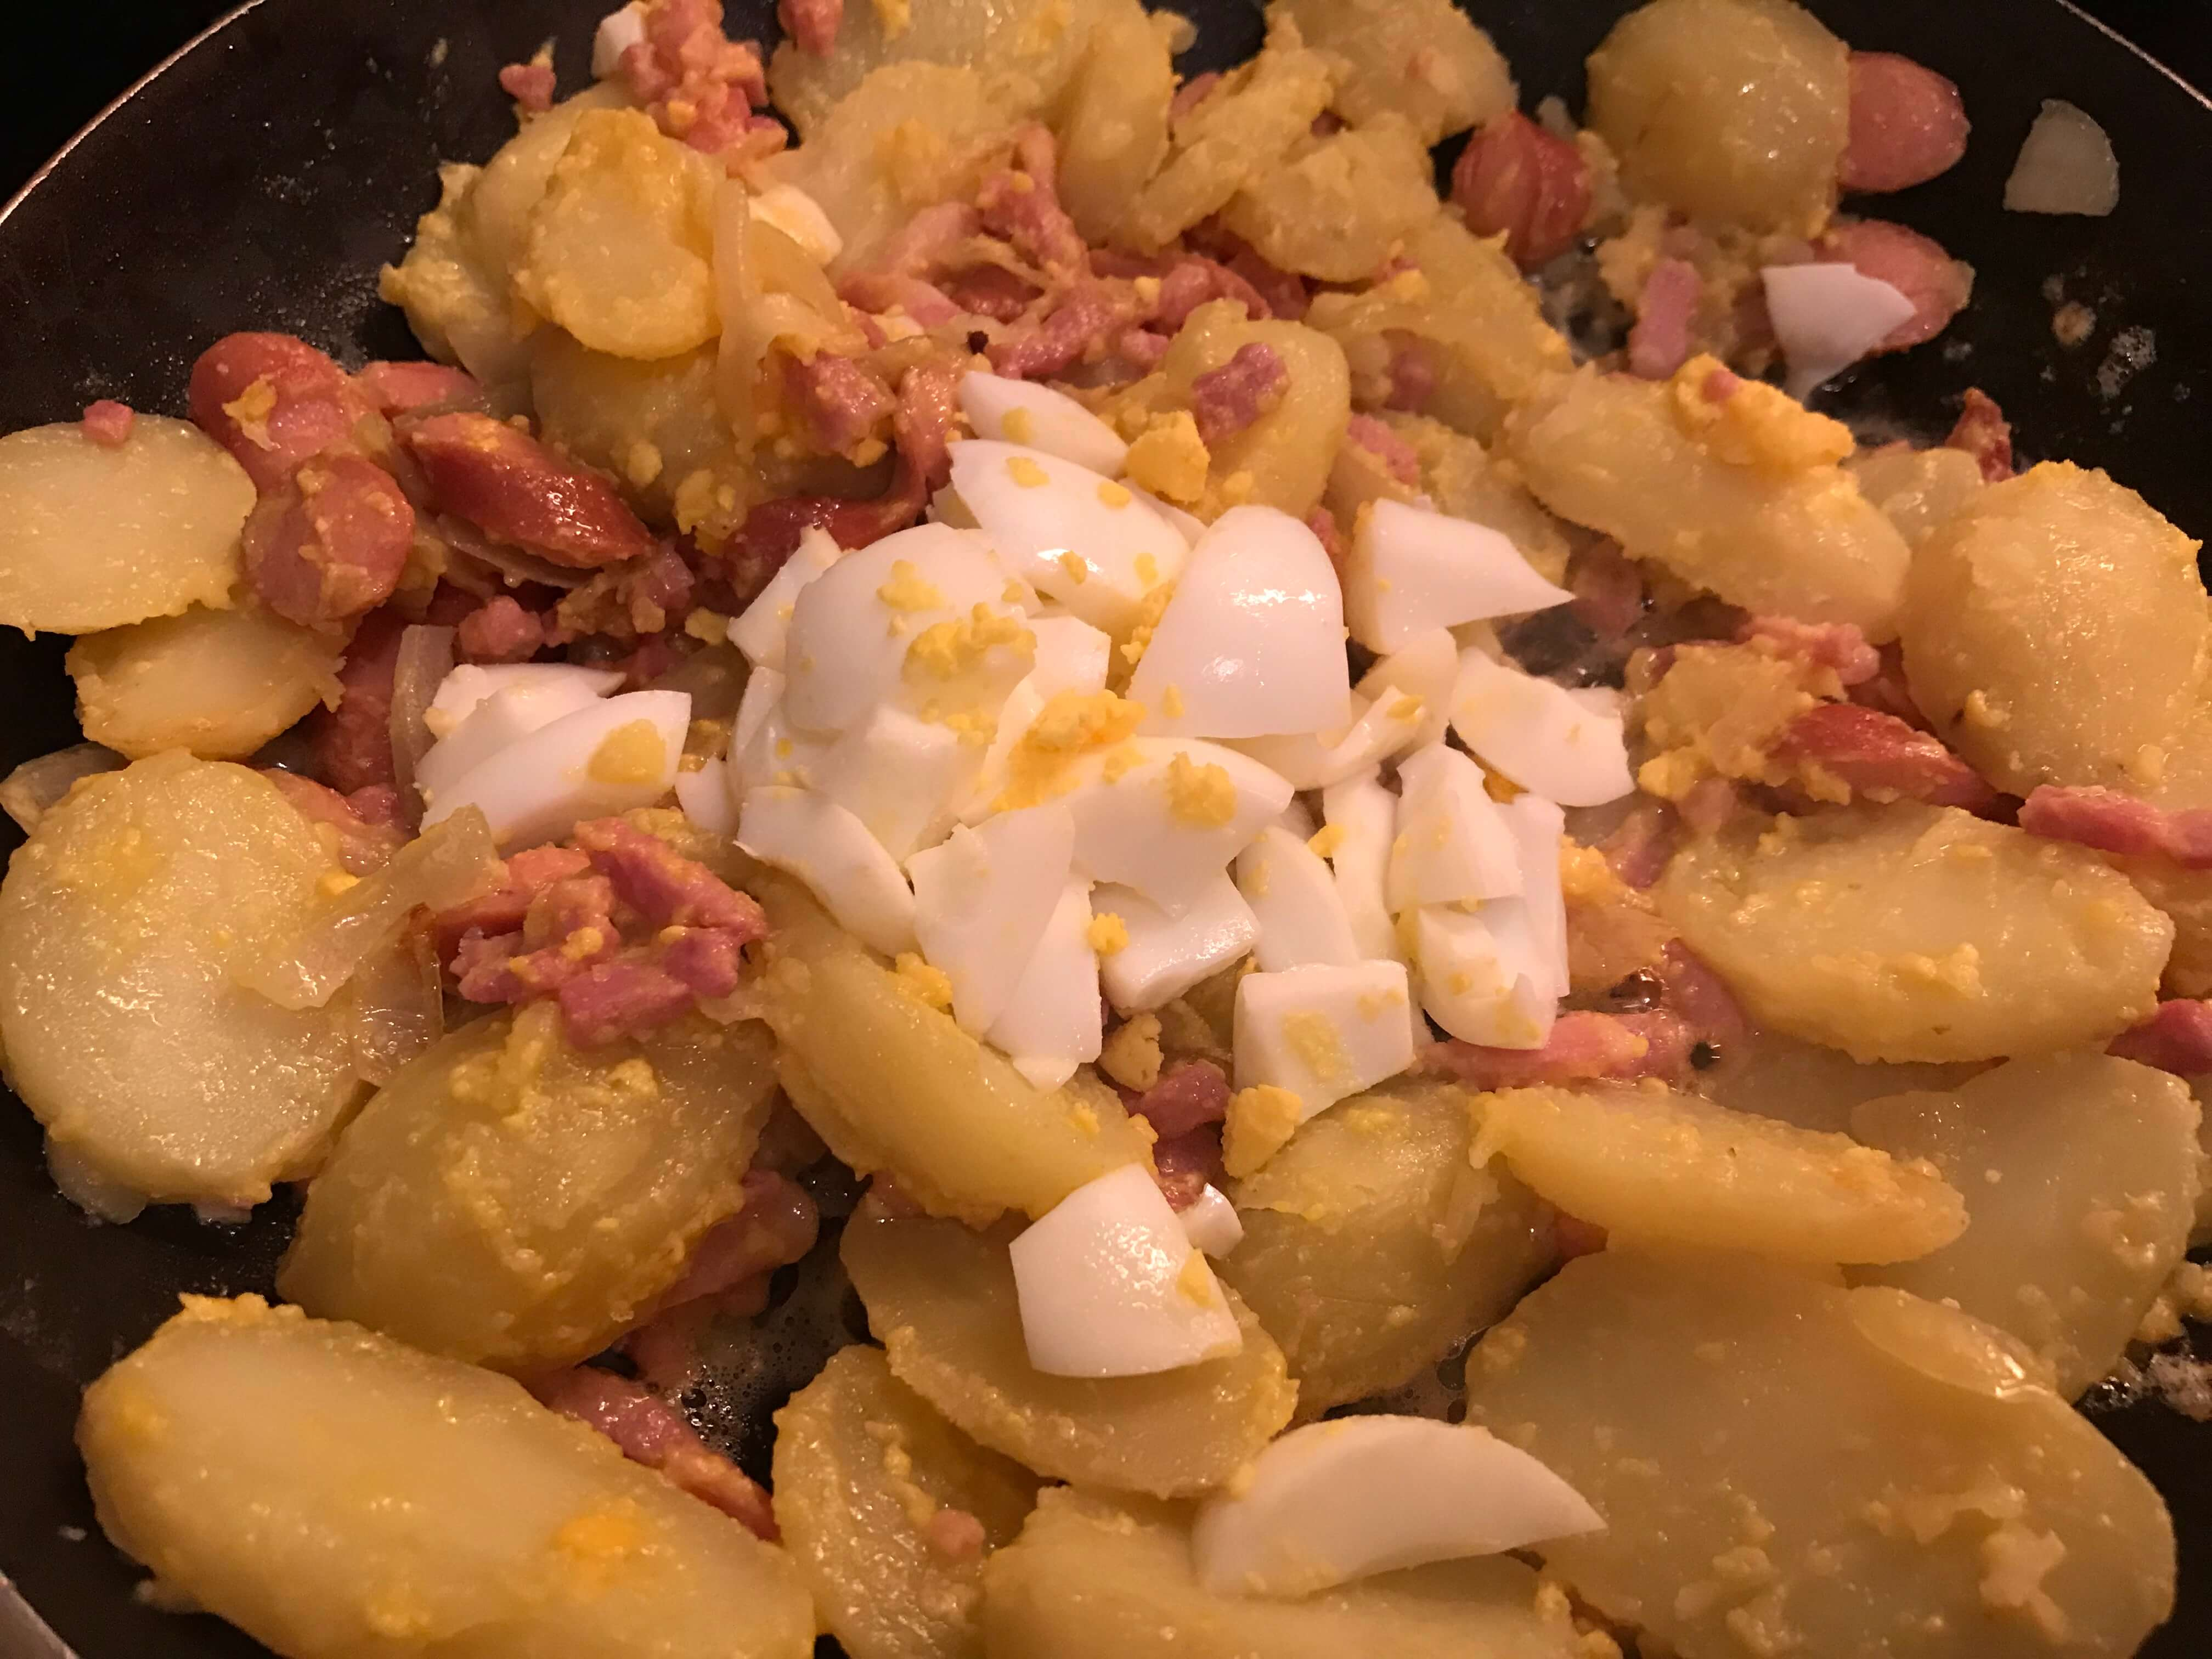 GOTOキッチン「ハンガリーのママの味、ちょっと寒くなったらラコット!」